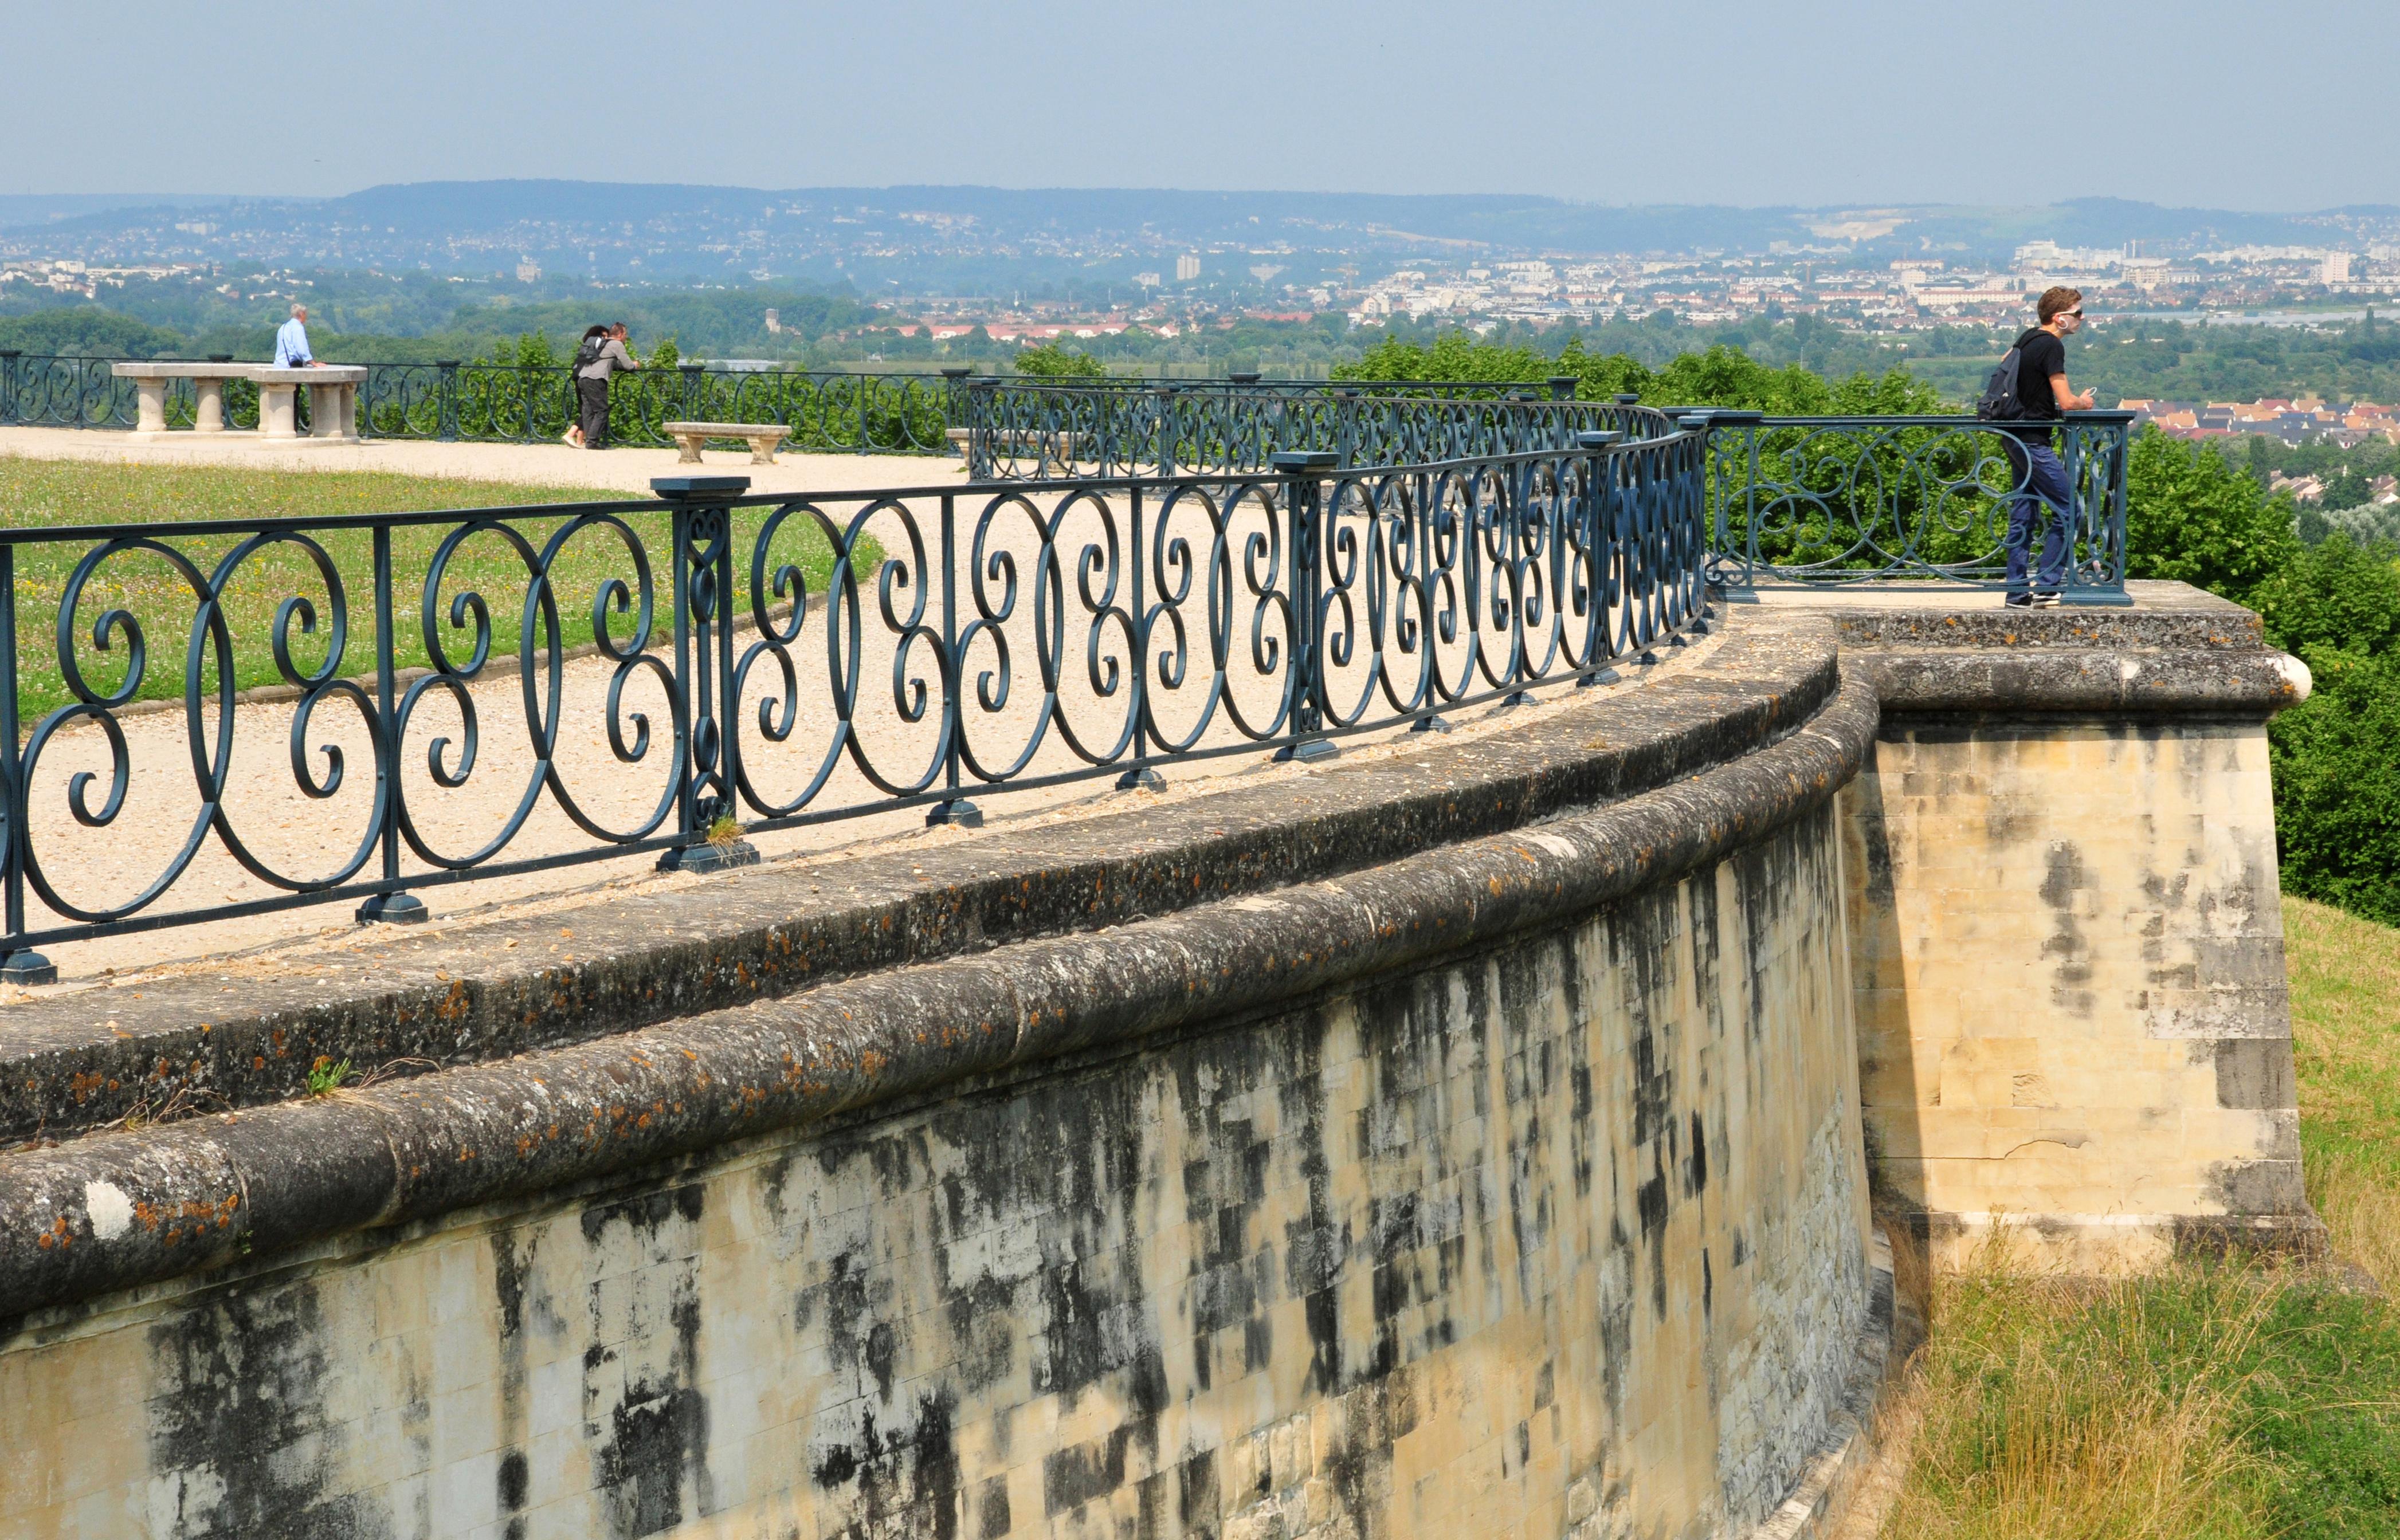 Saint Germain%252C grande perspective PackShot%252Fstock.adobe.com